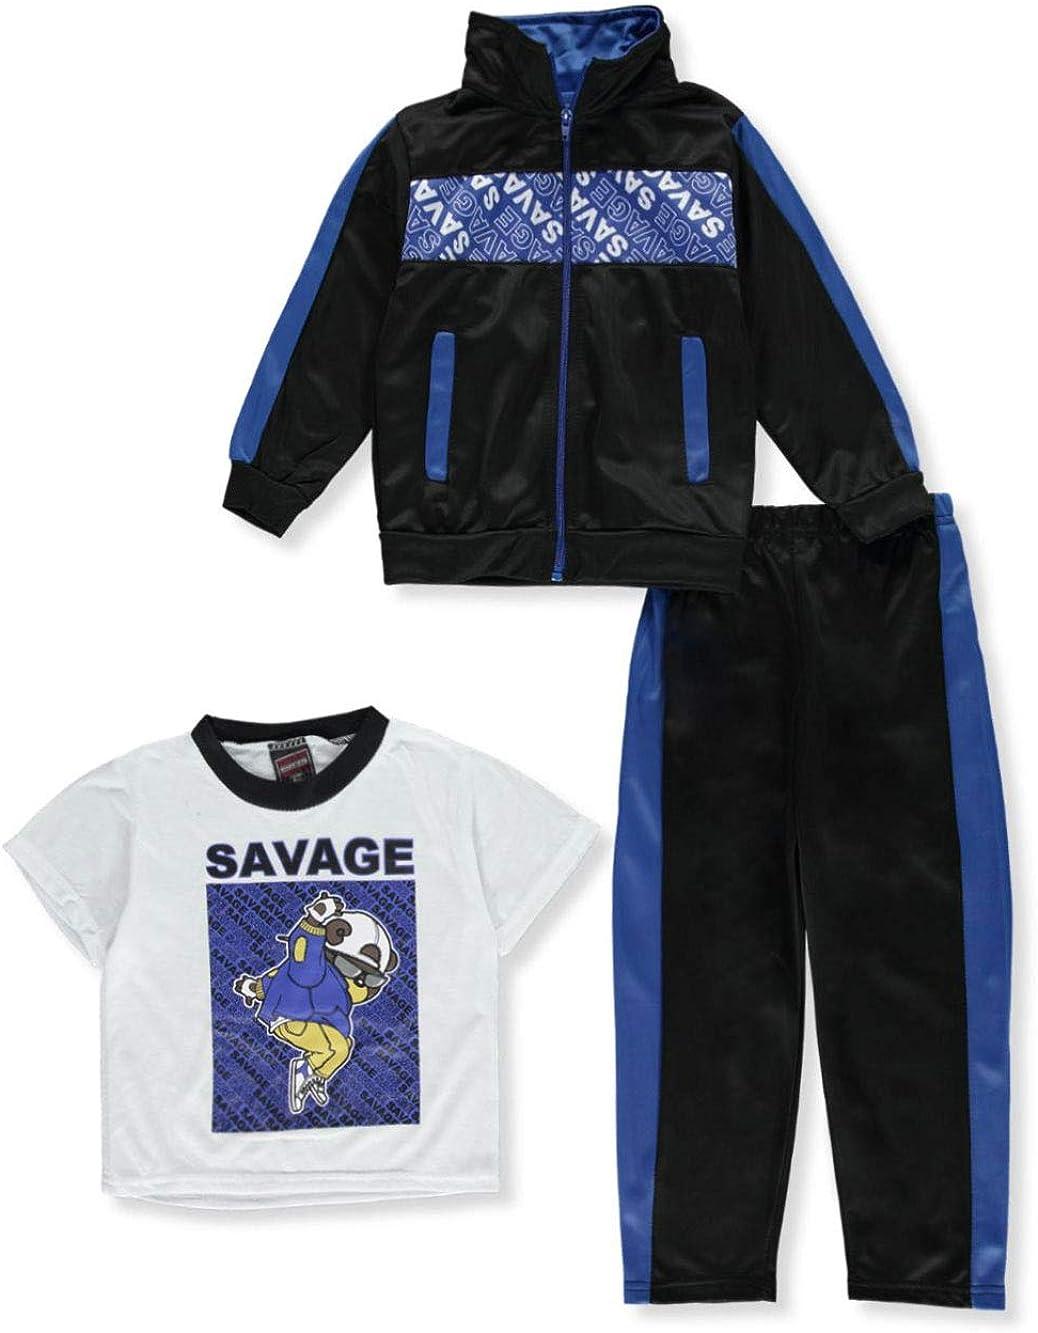 Quad Seven Boys Panel 23 2-Piece Sweatsuit Outfit